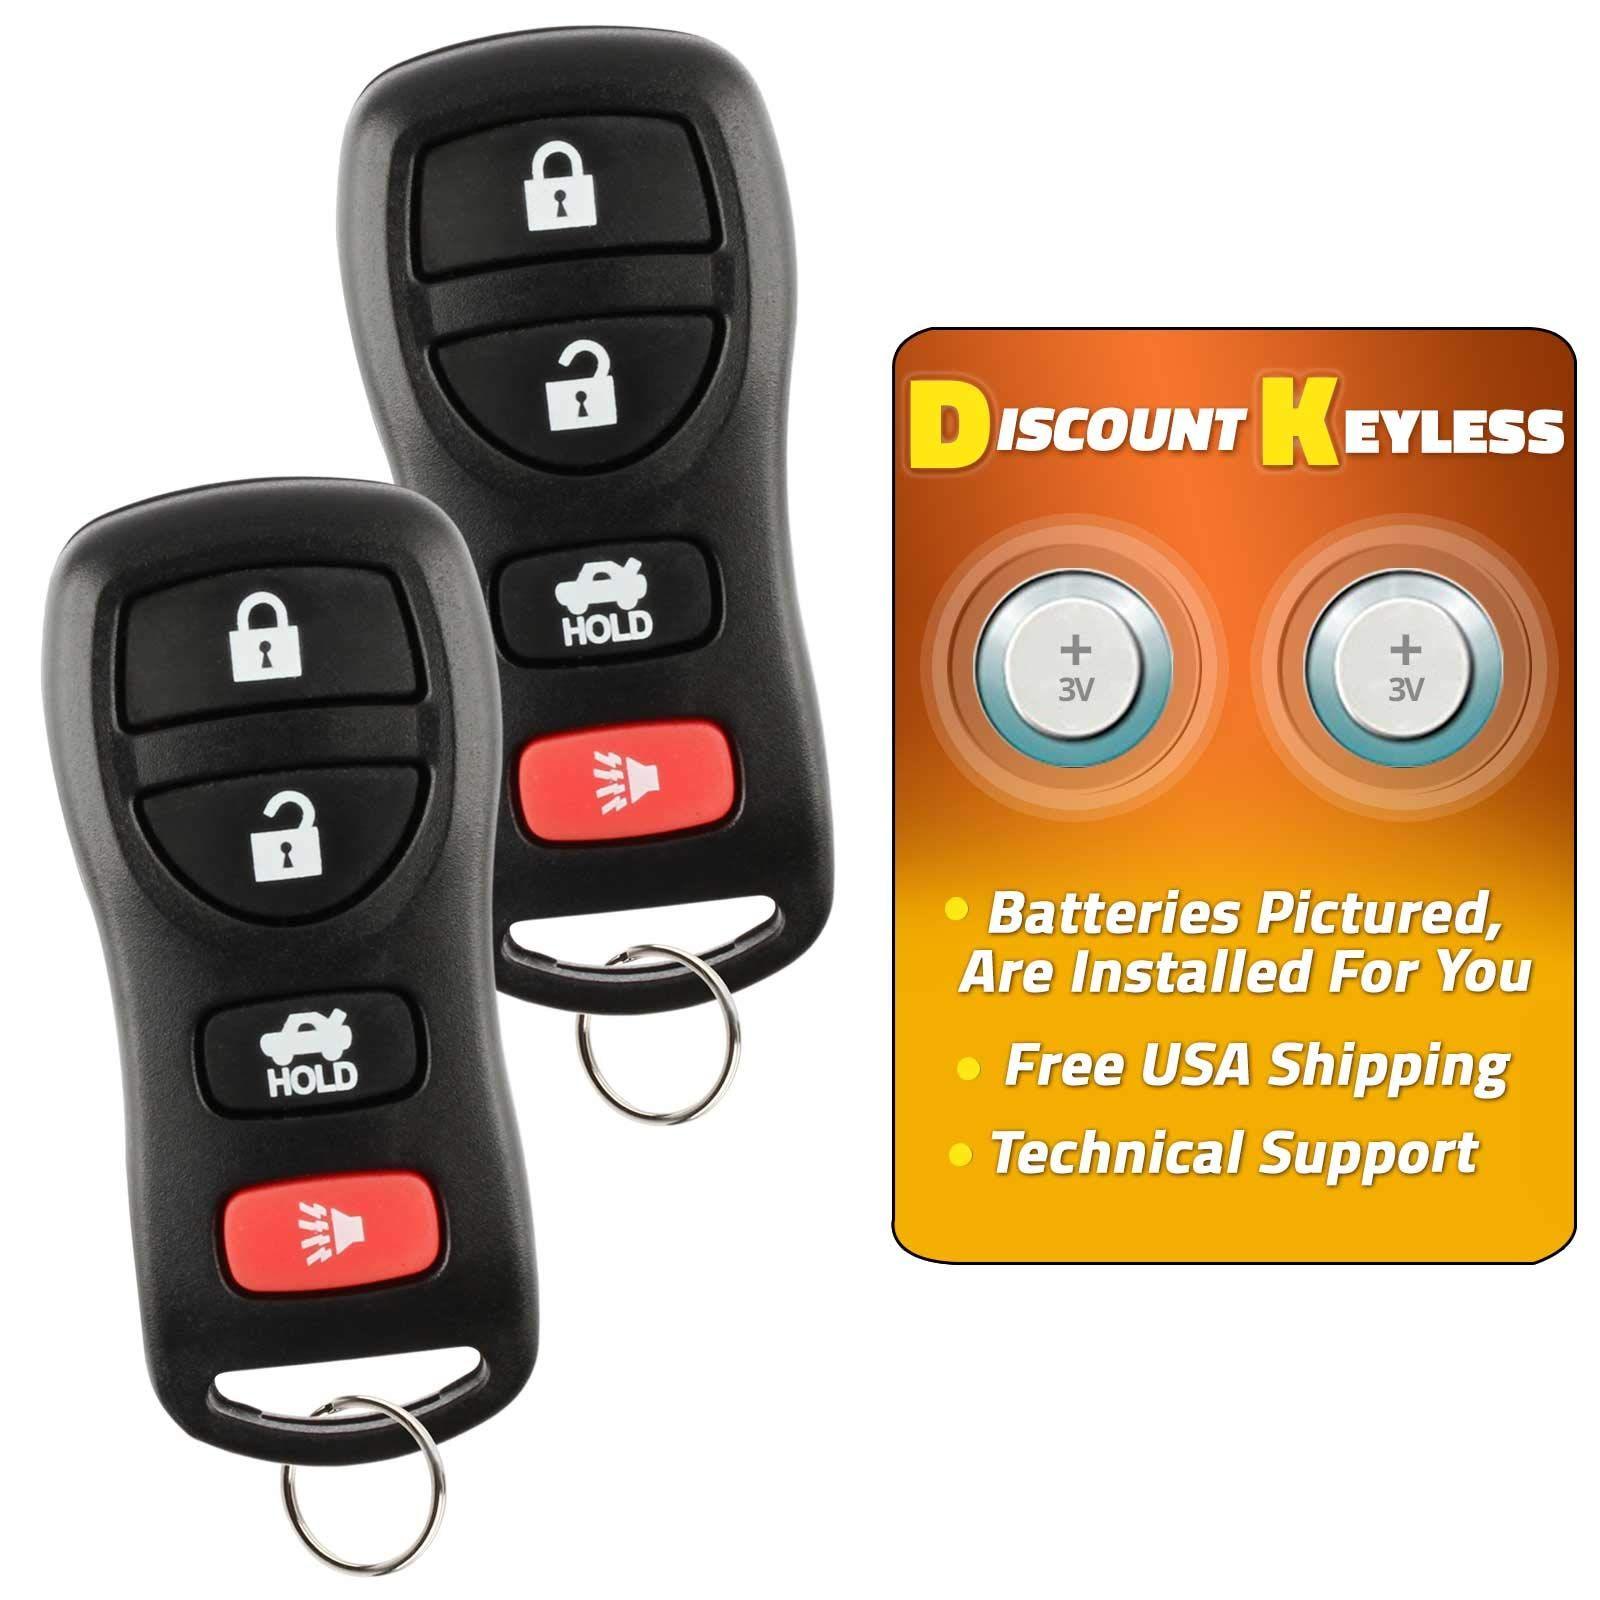 Discount keyless key fob keyless entry car remote control